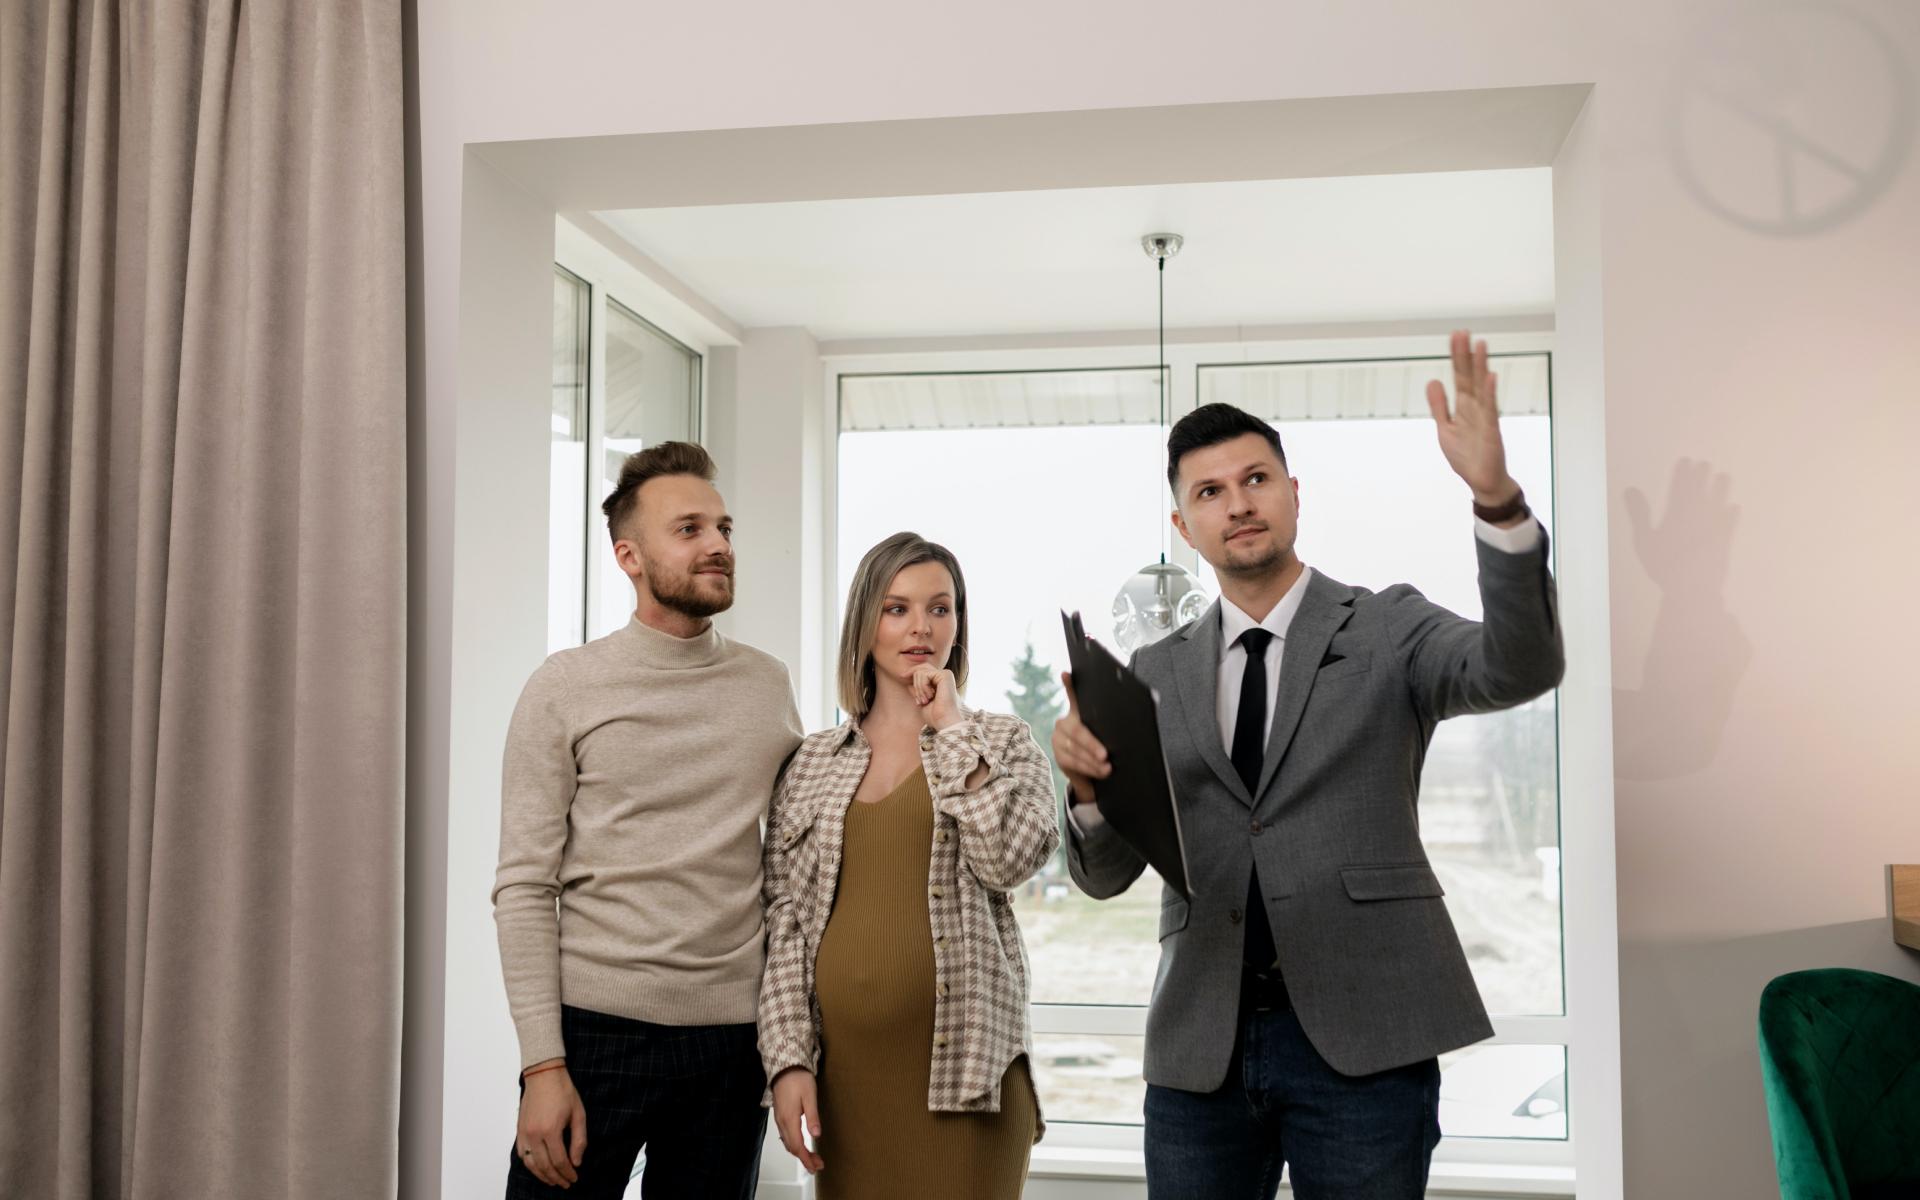 Правильная стратегия поможет быстро найти покупателя квартиры